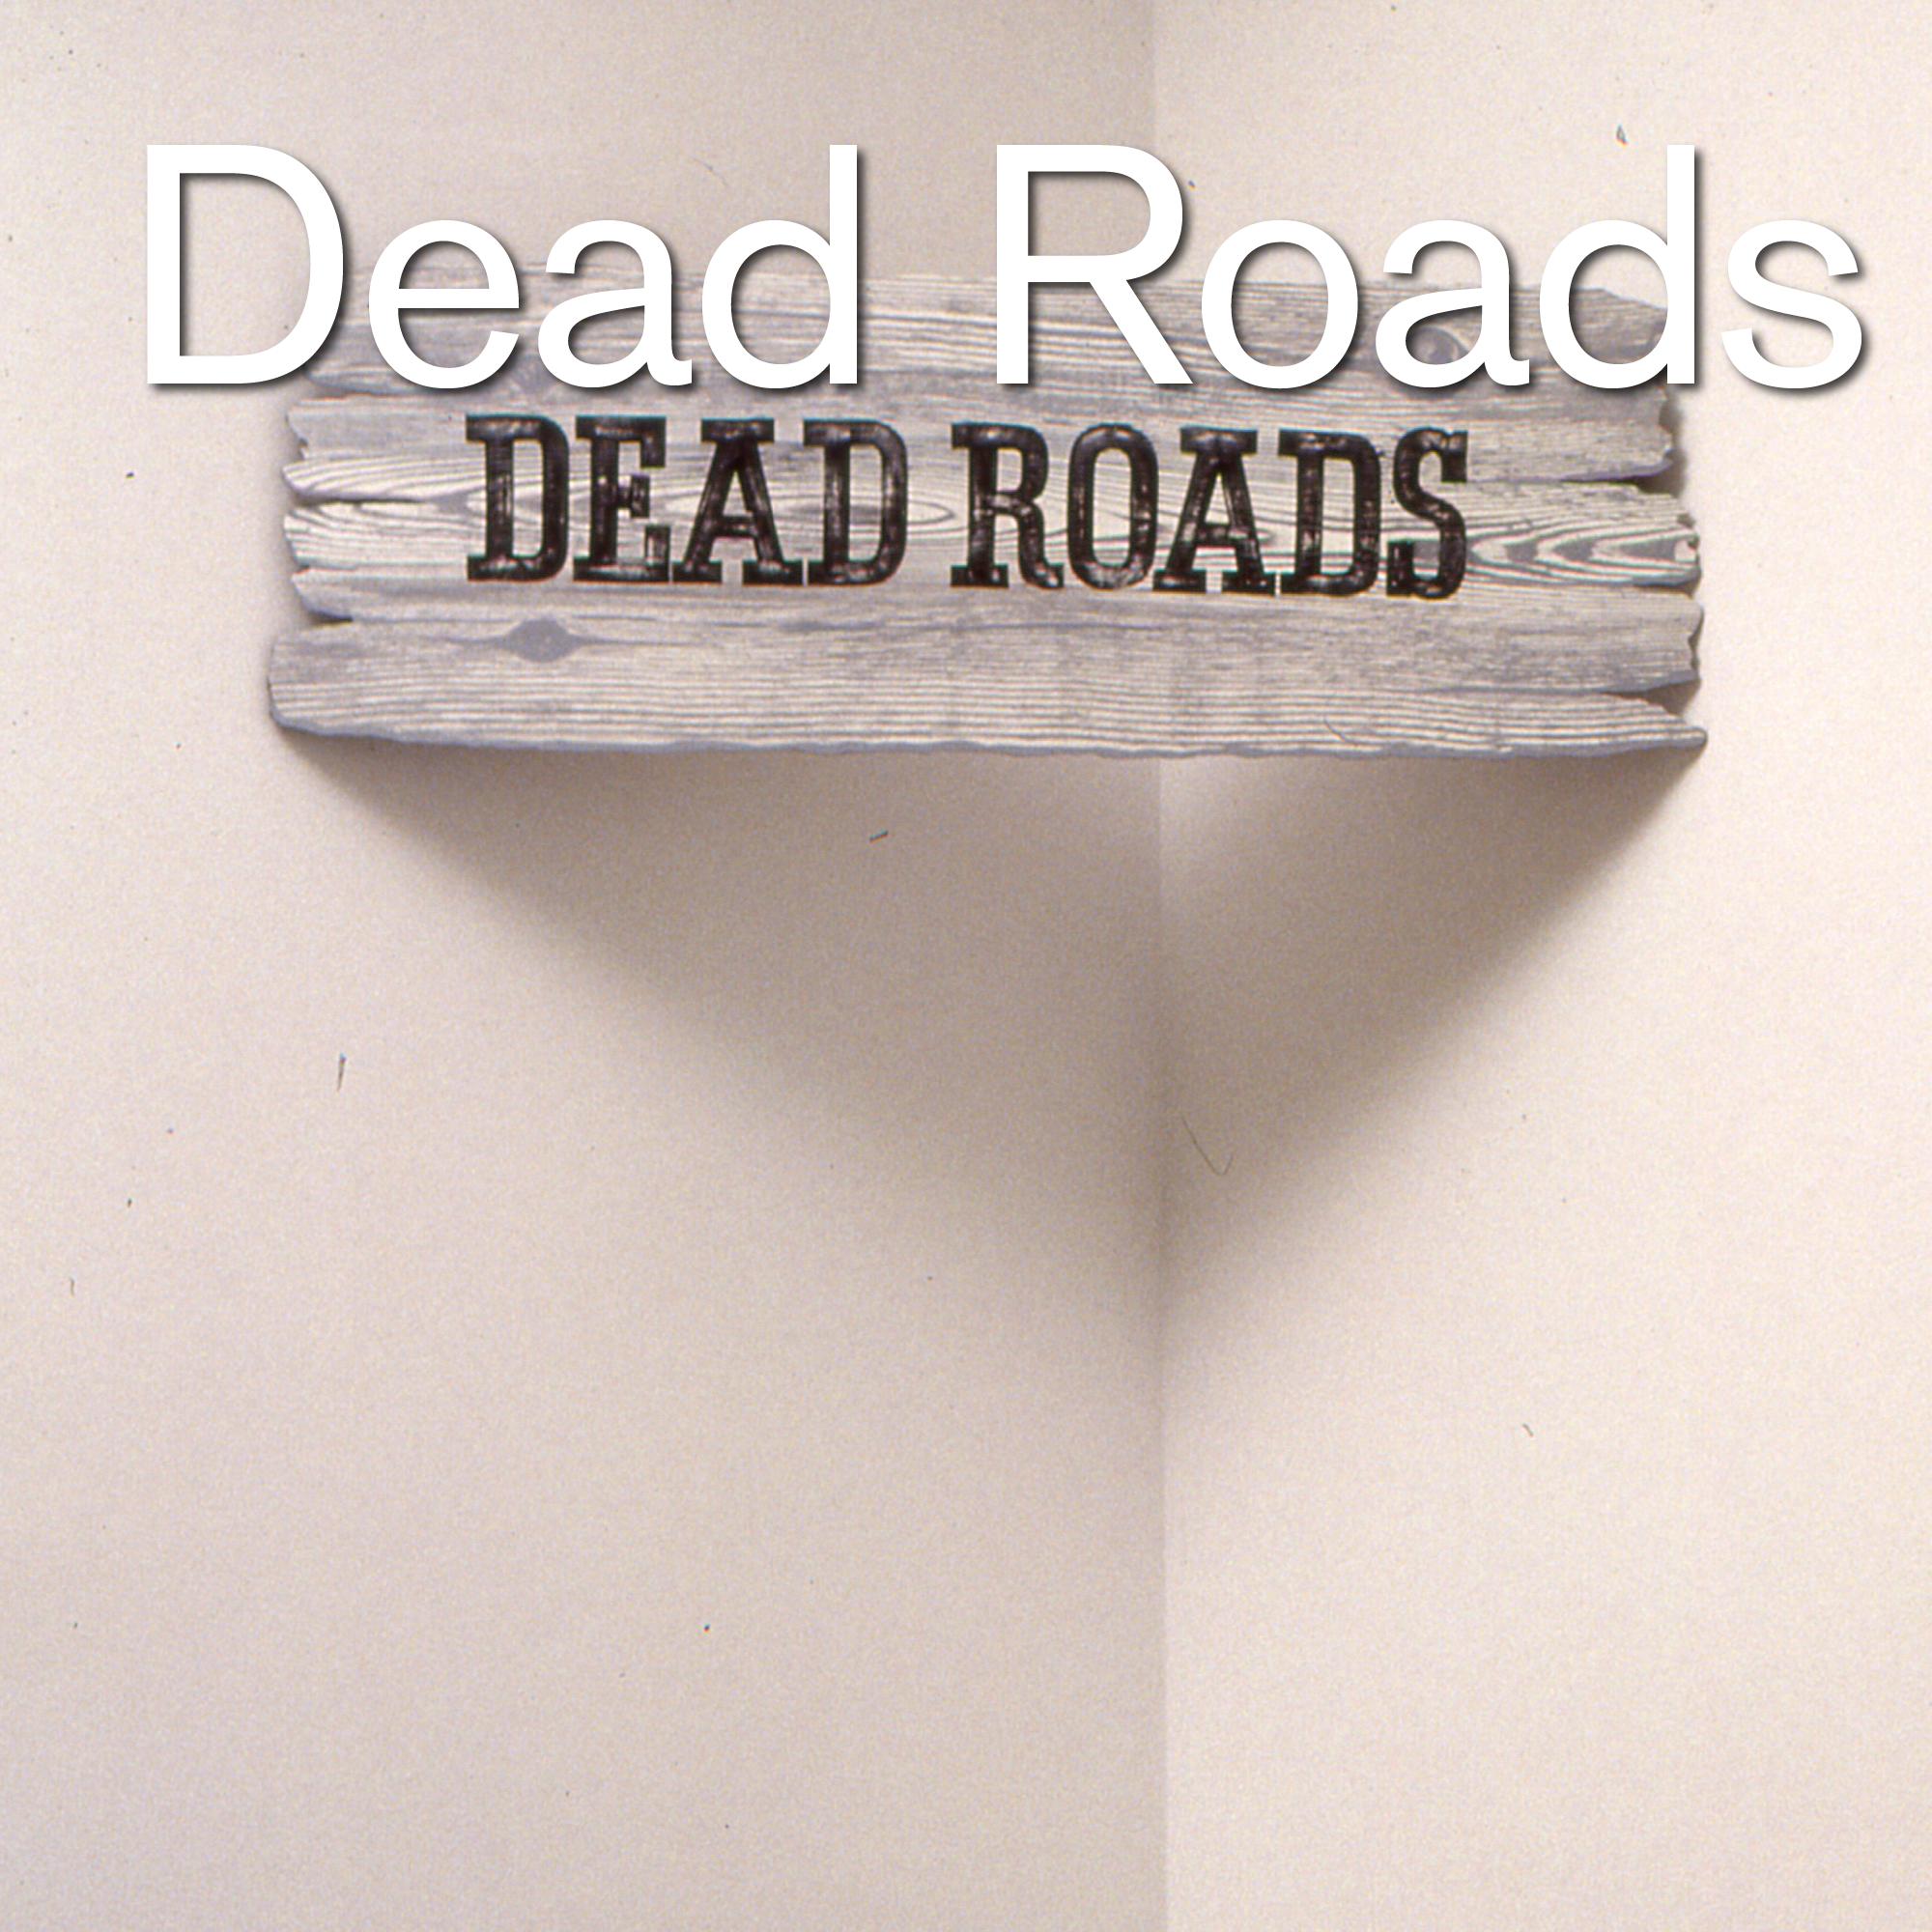 deadroads-thumbnail-title-WEB.png